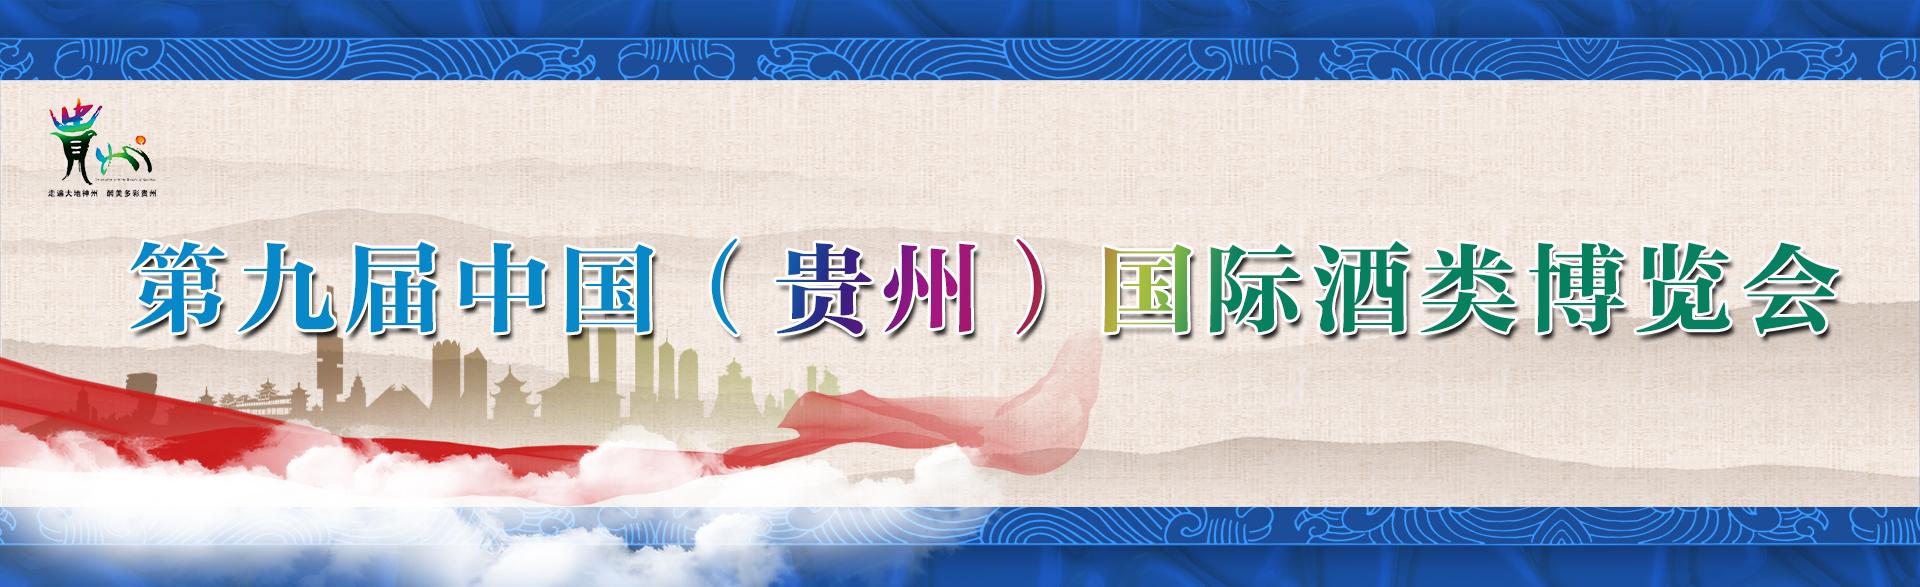 第九届中国(贵州)国际酒类博览会